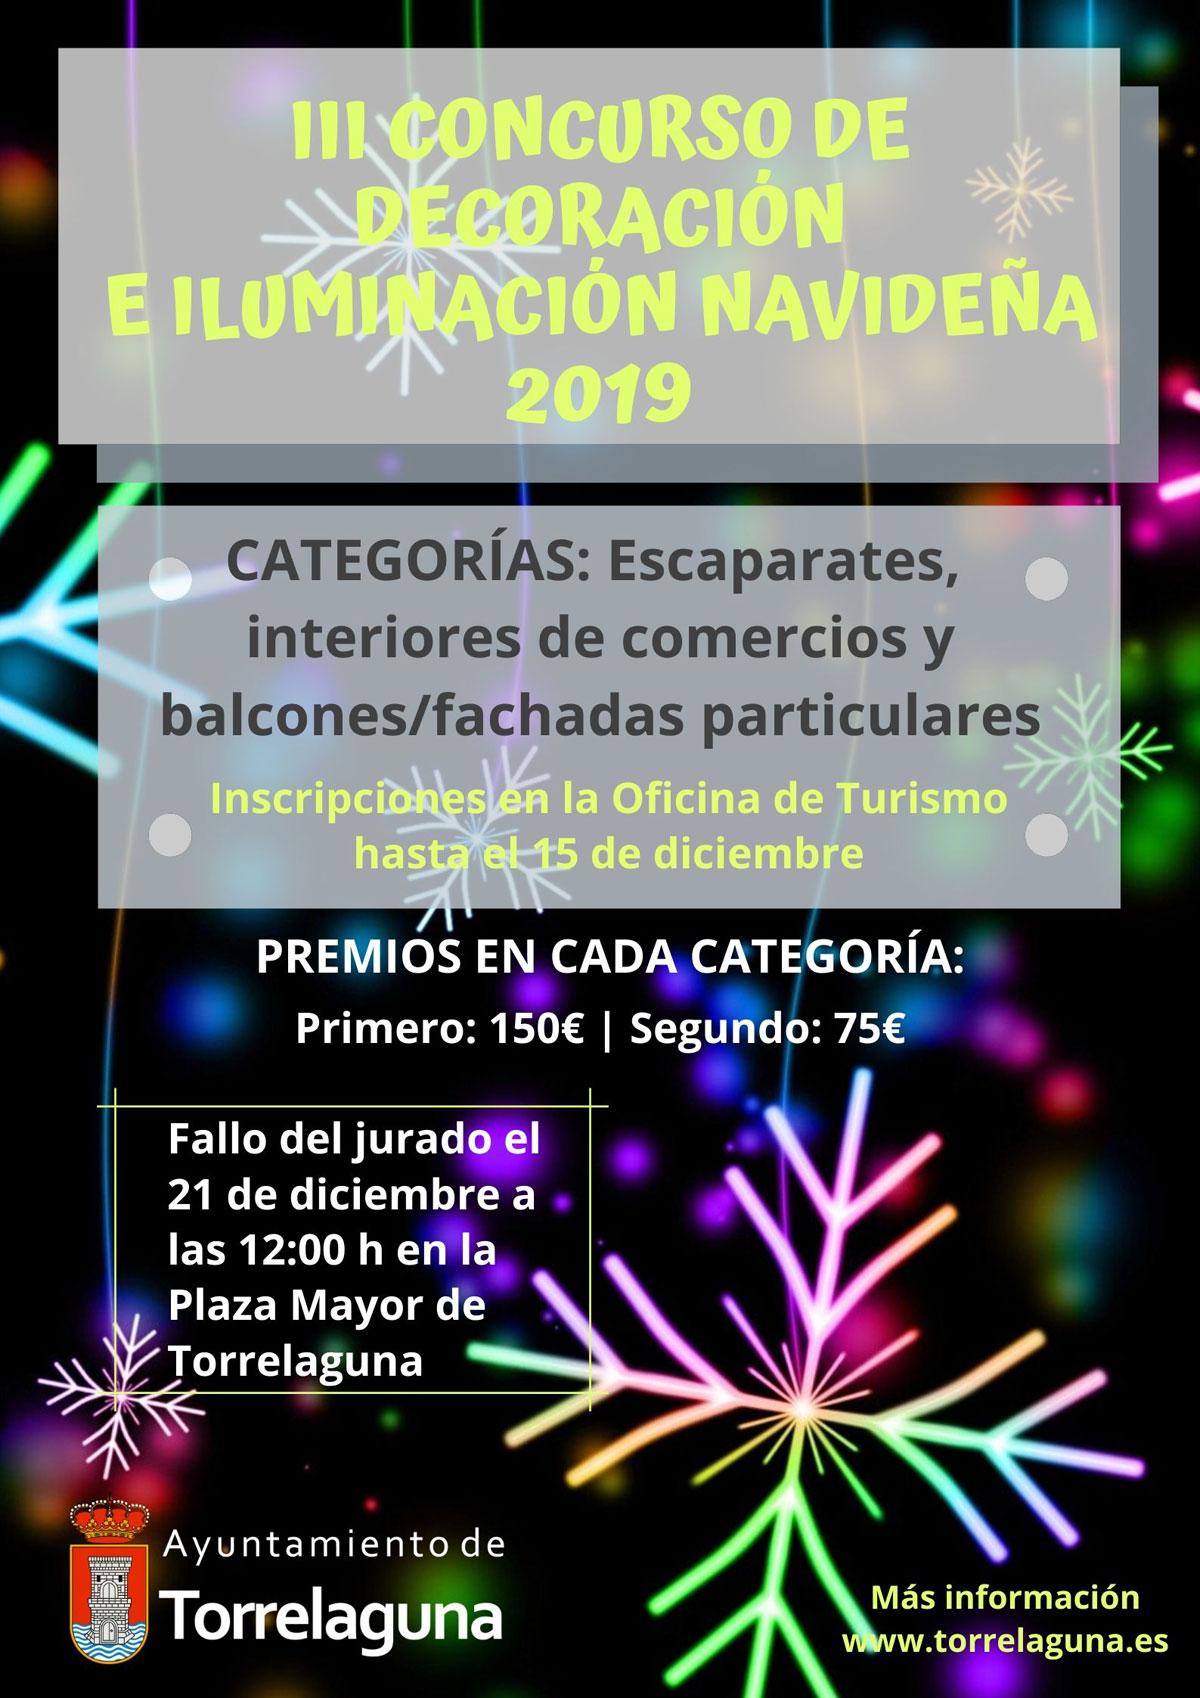 III Concurso de decoración e iluminación navideña 2019 Torrelaguna